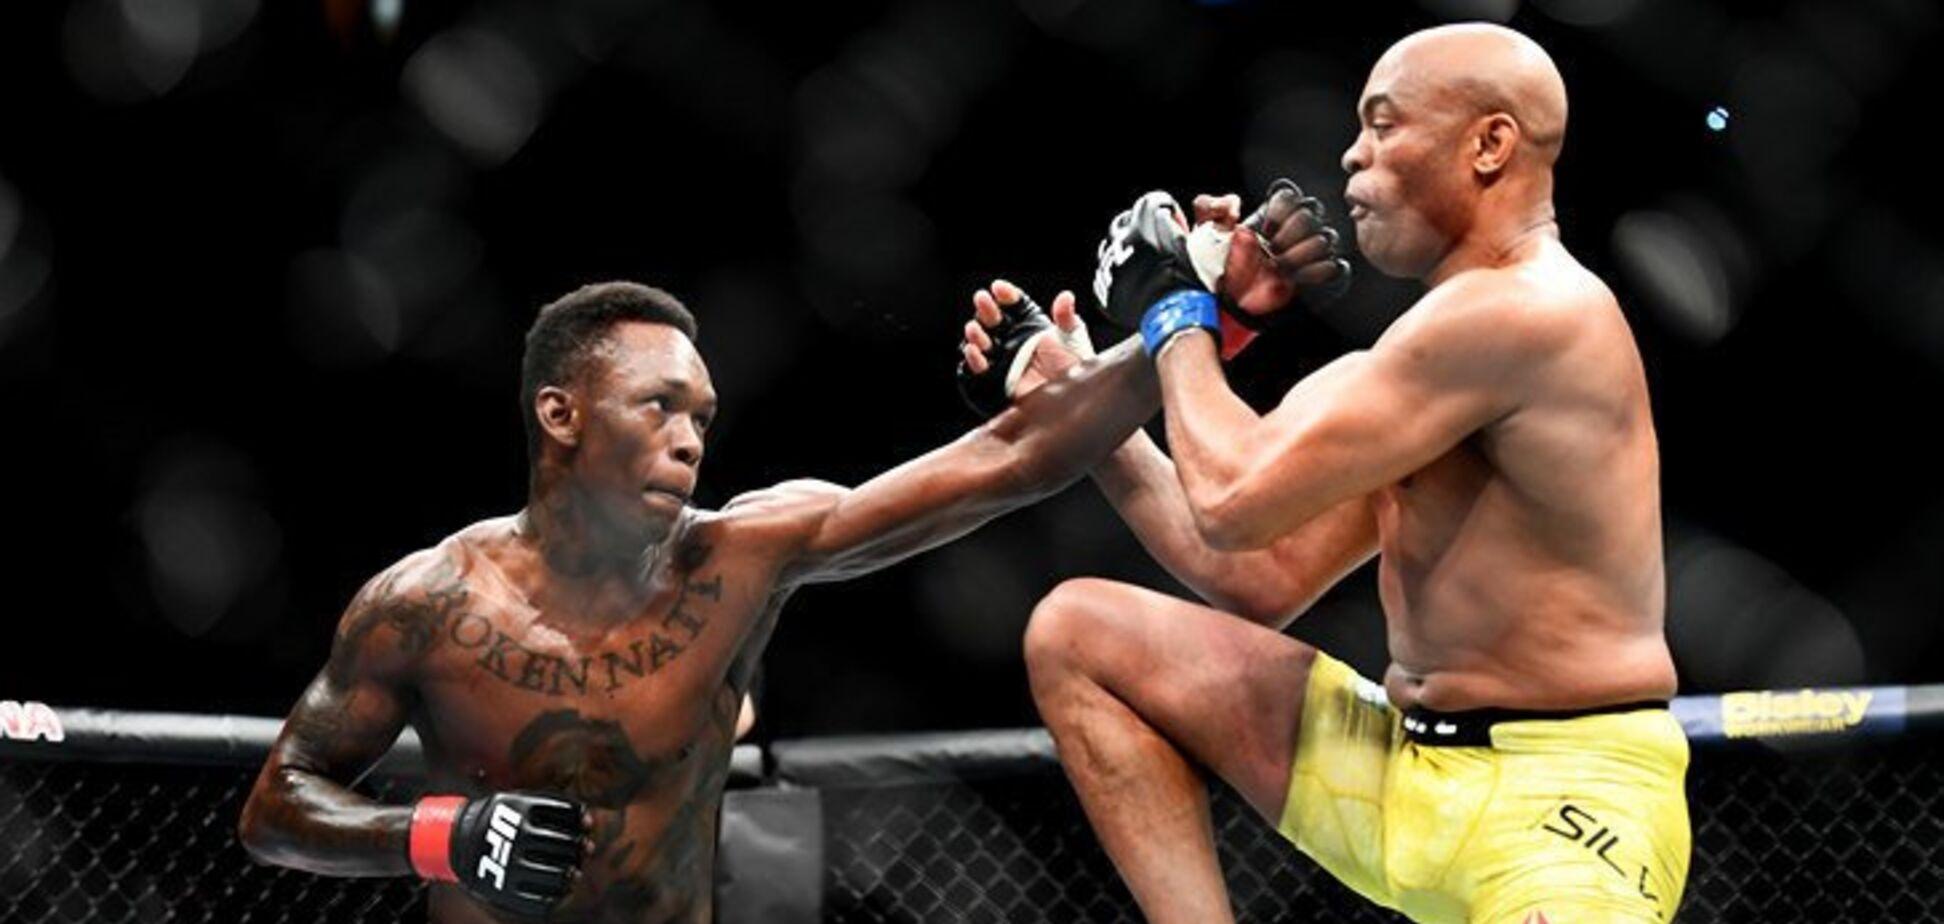 Бойцы UFC устроили 'Матрицу' и 'Мортал Комбат' в реальной жизни — опубликовано видео